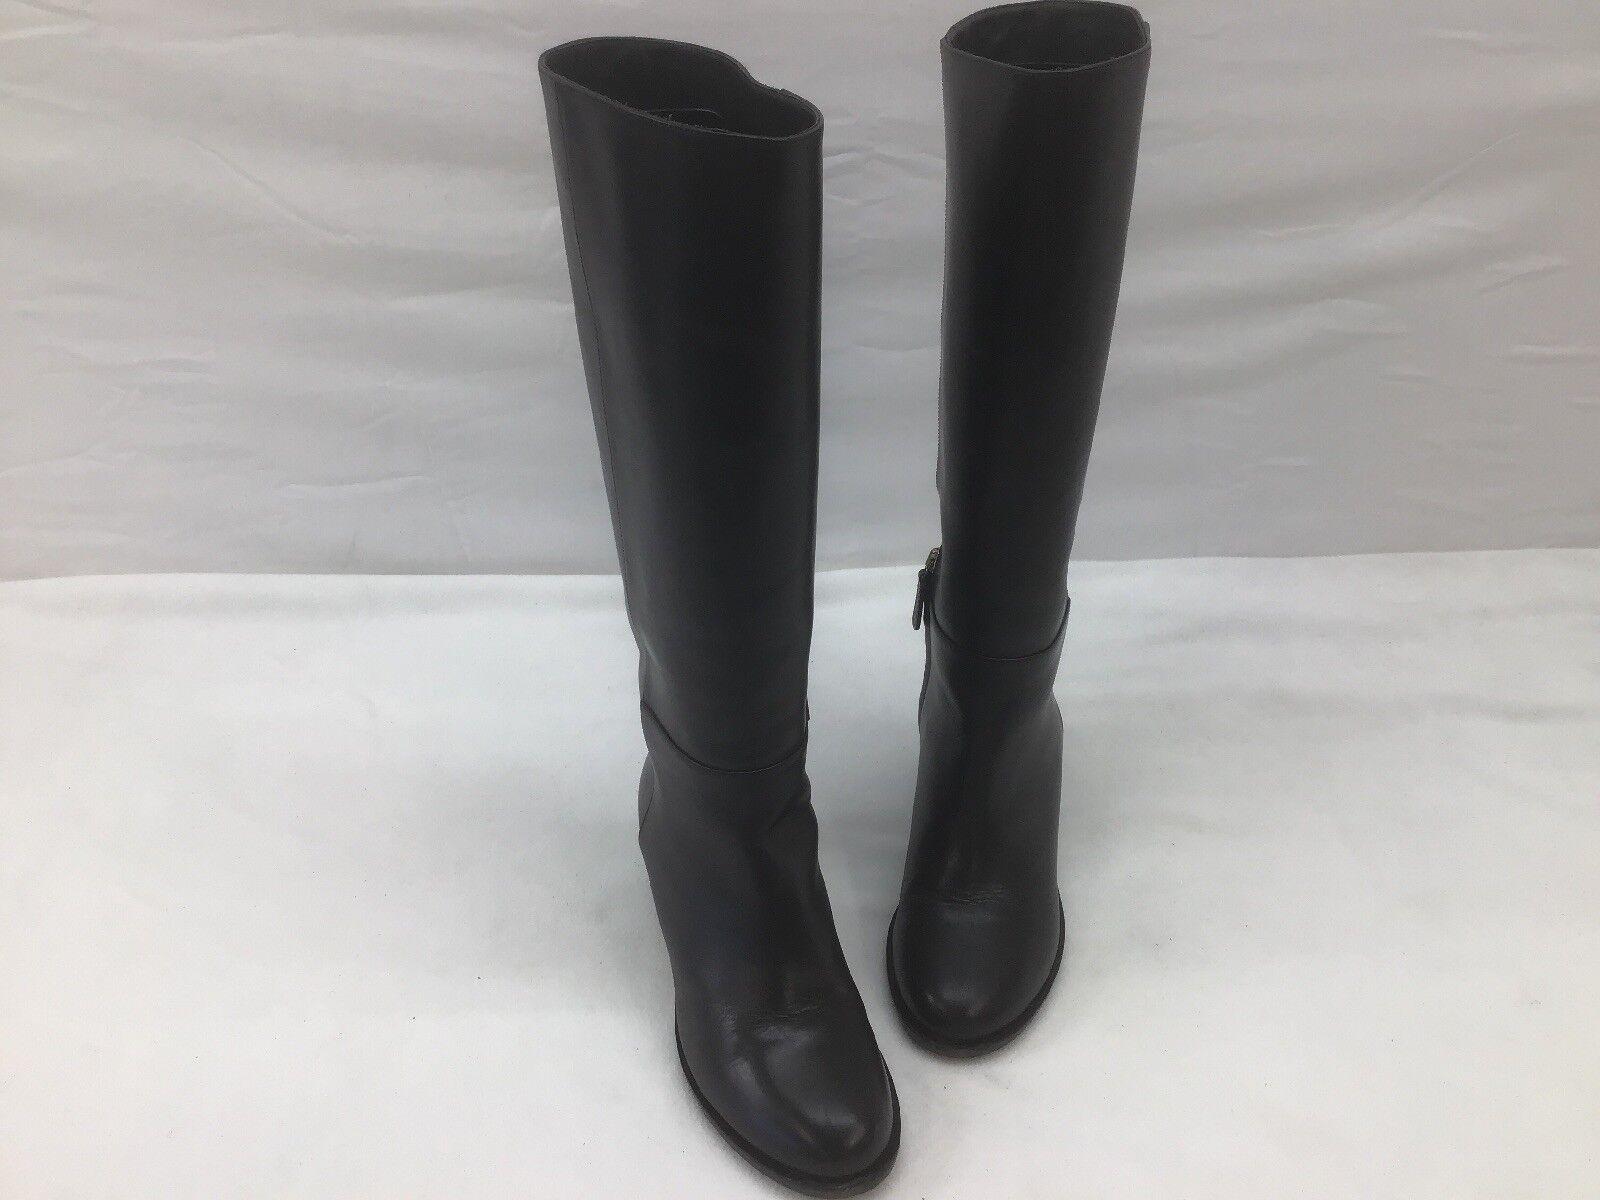 compra meglio Max Mara Ozono Marrone Leather Knee High avvio Dimensione 38M 38M 38M  F1136   divertiti con uno sconto del 30-50%